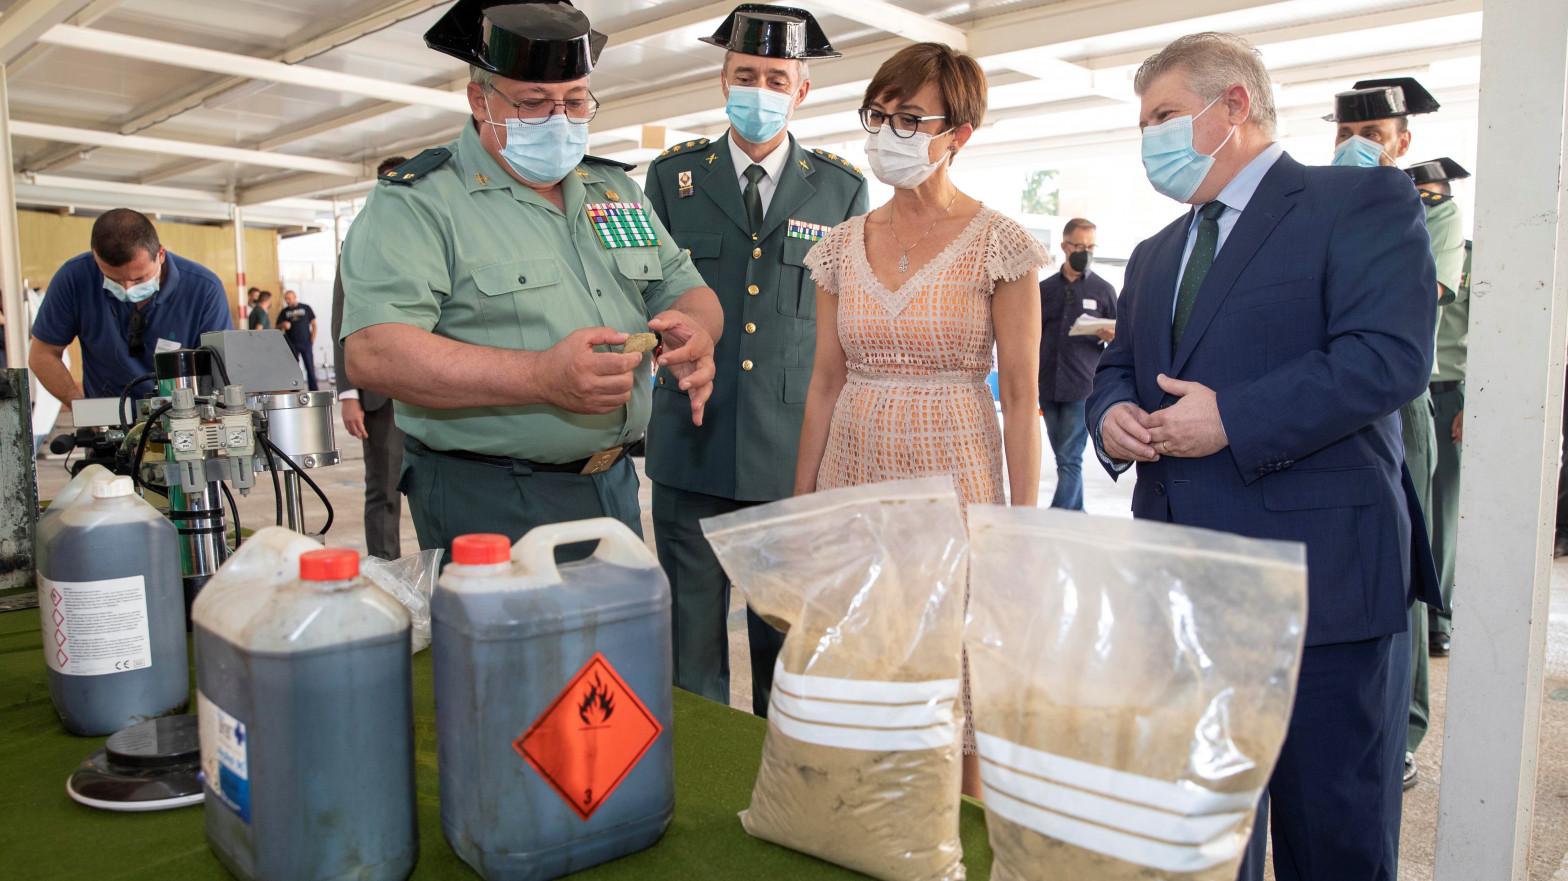 Desmantelan una banda de narcos e incautan 8.300 kilos de hachís en Alicante